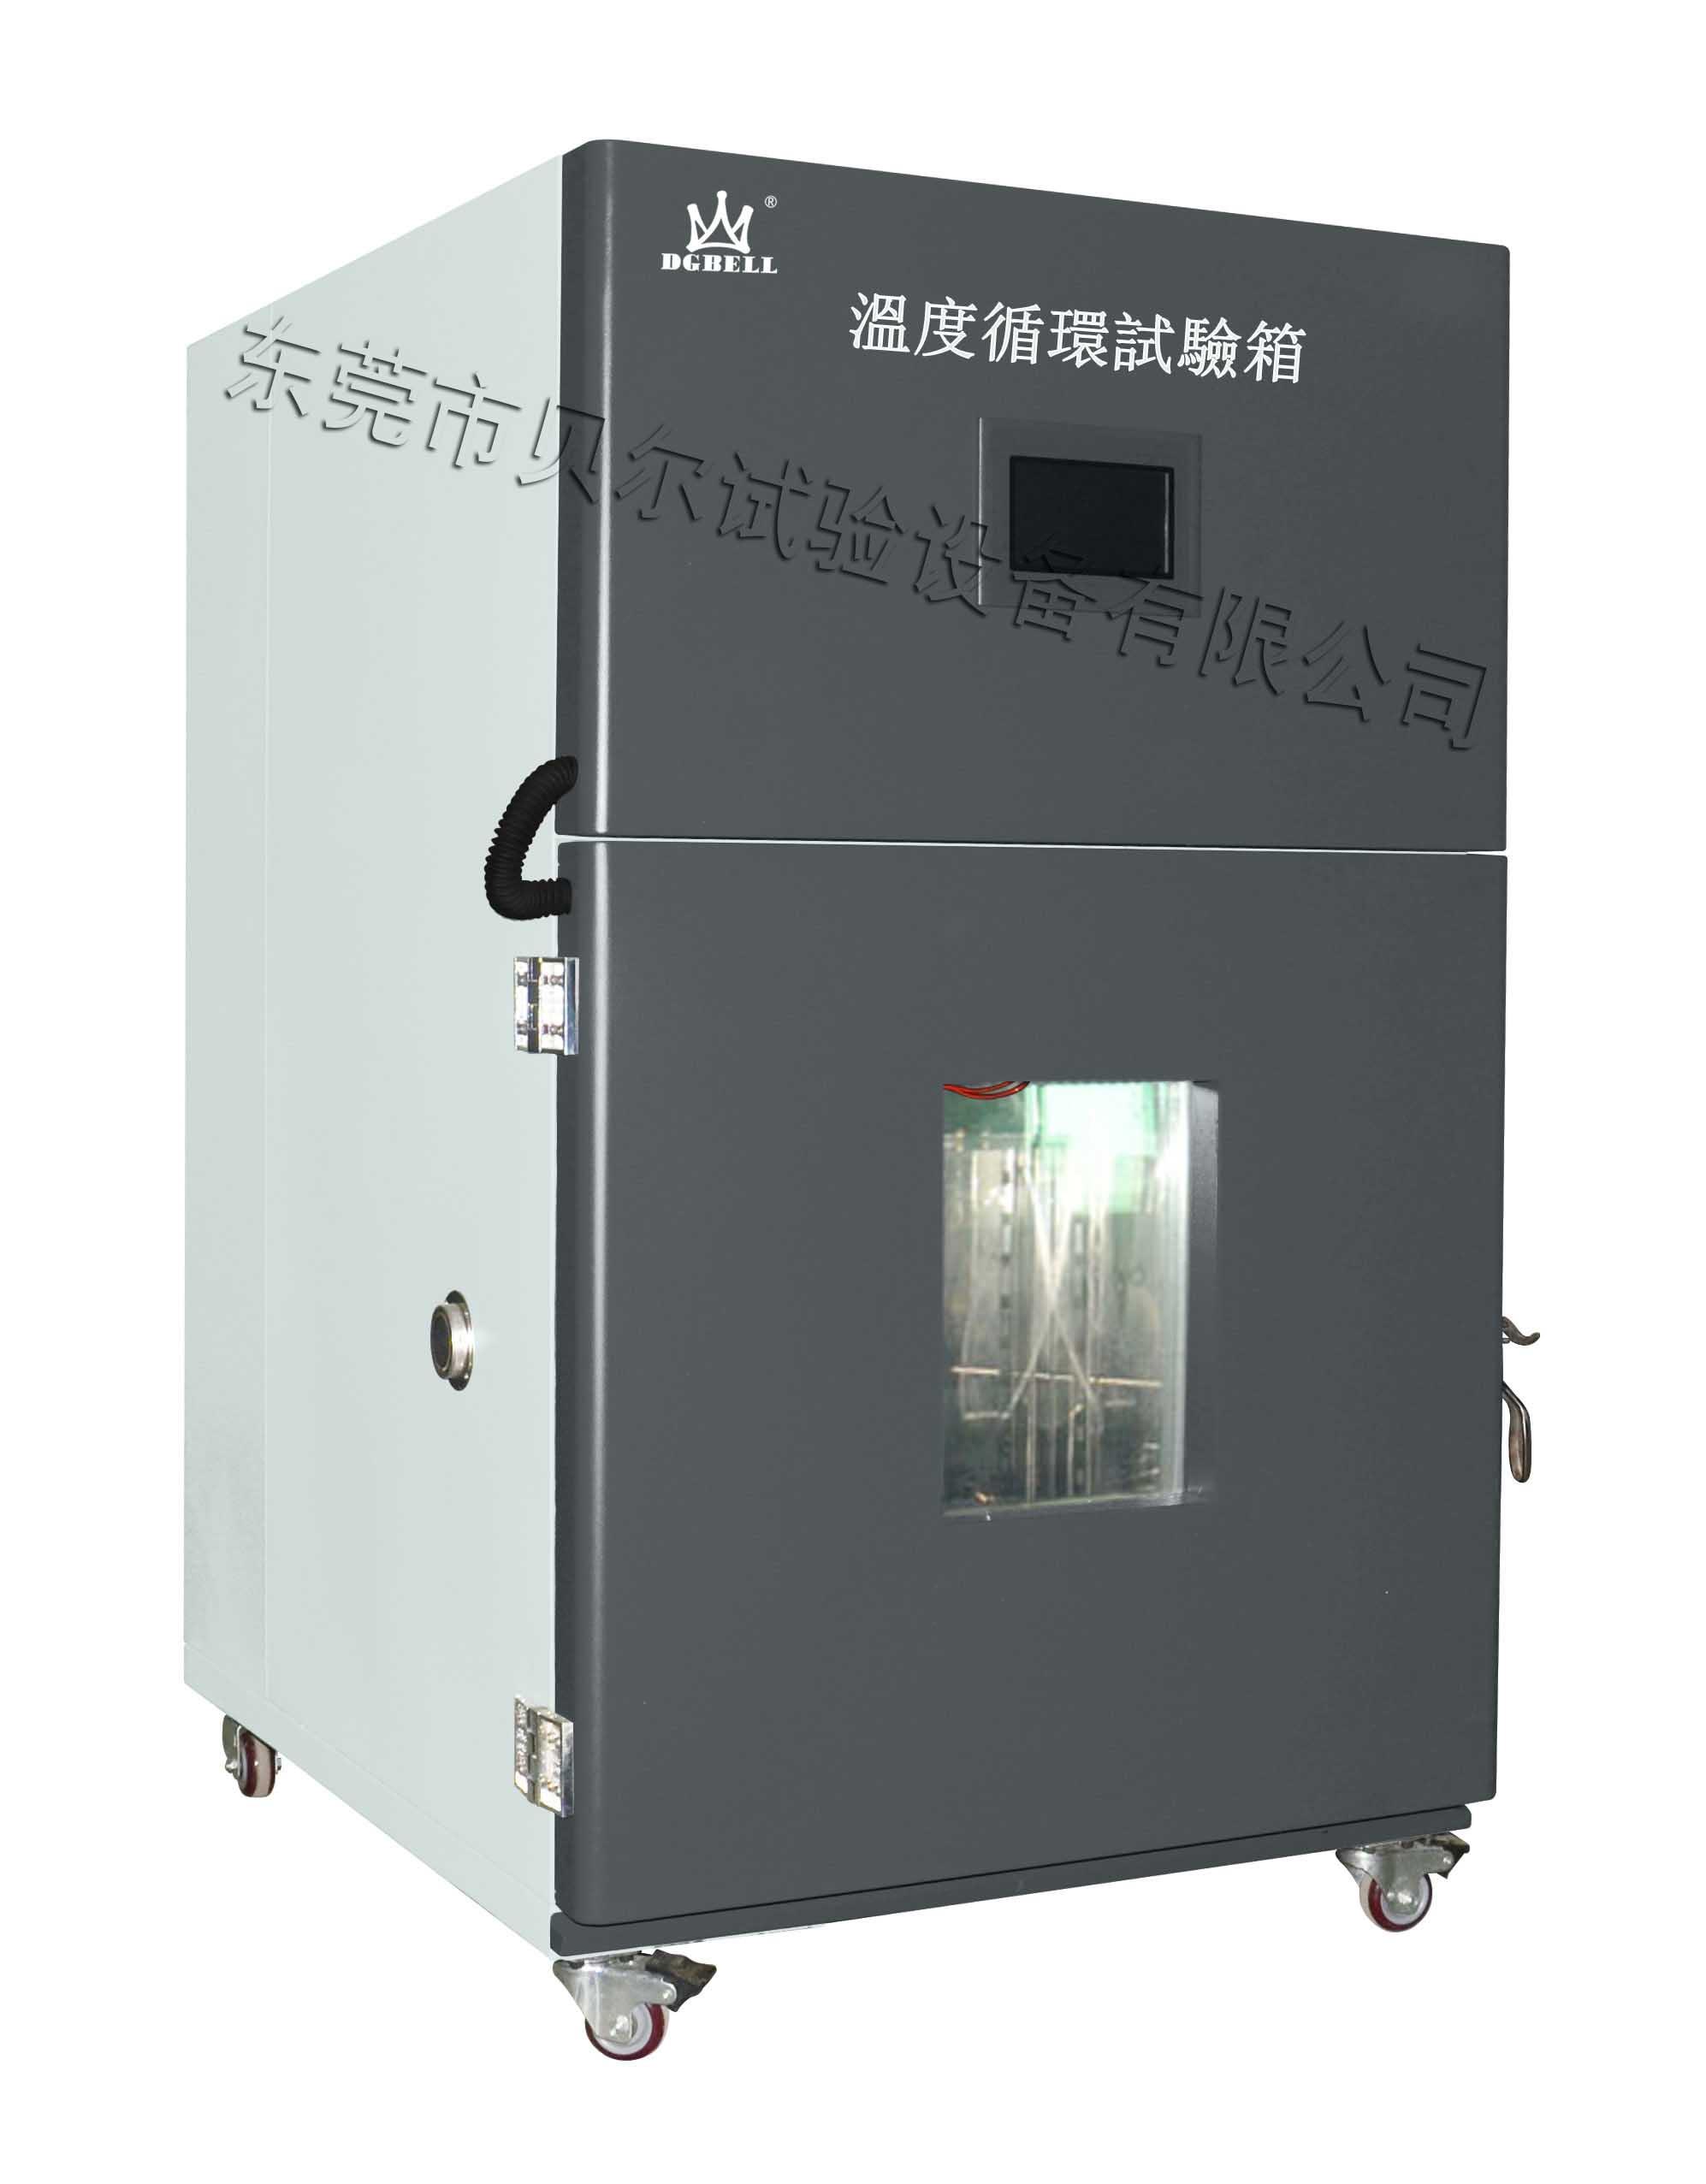 SUS#304耐热耐寒不锈钢密封焊接的温度循环试验机